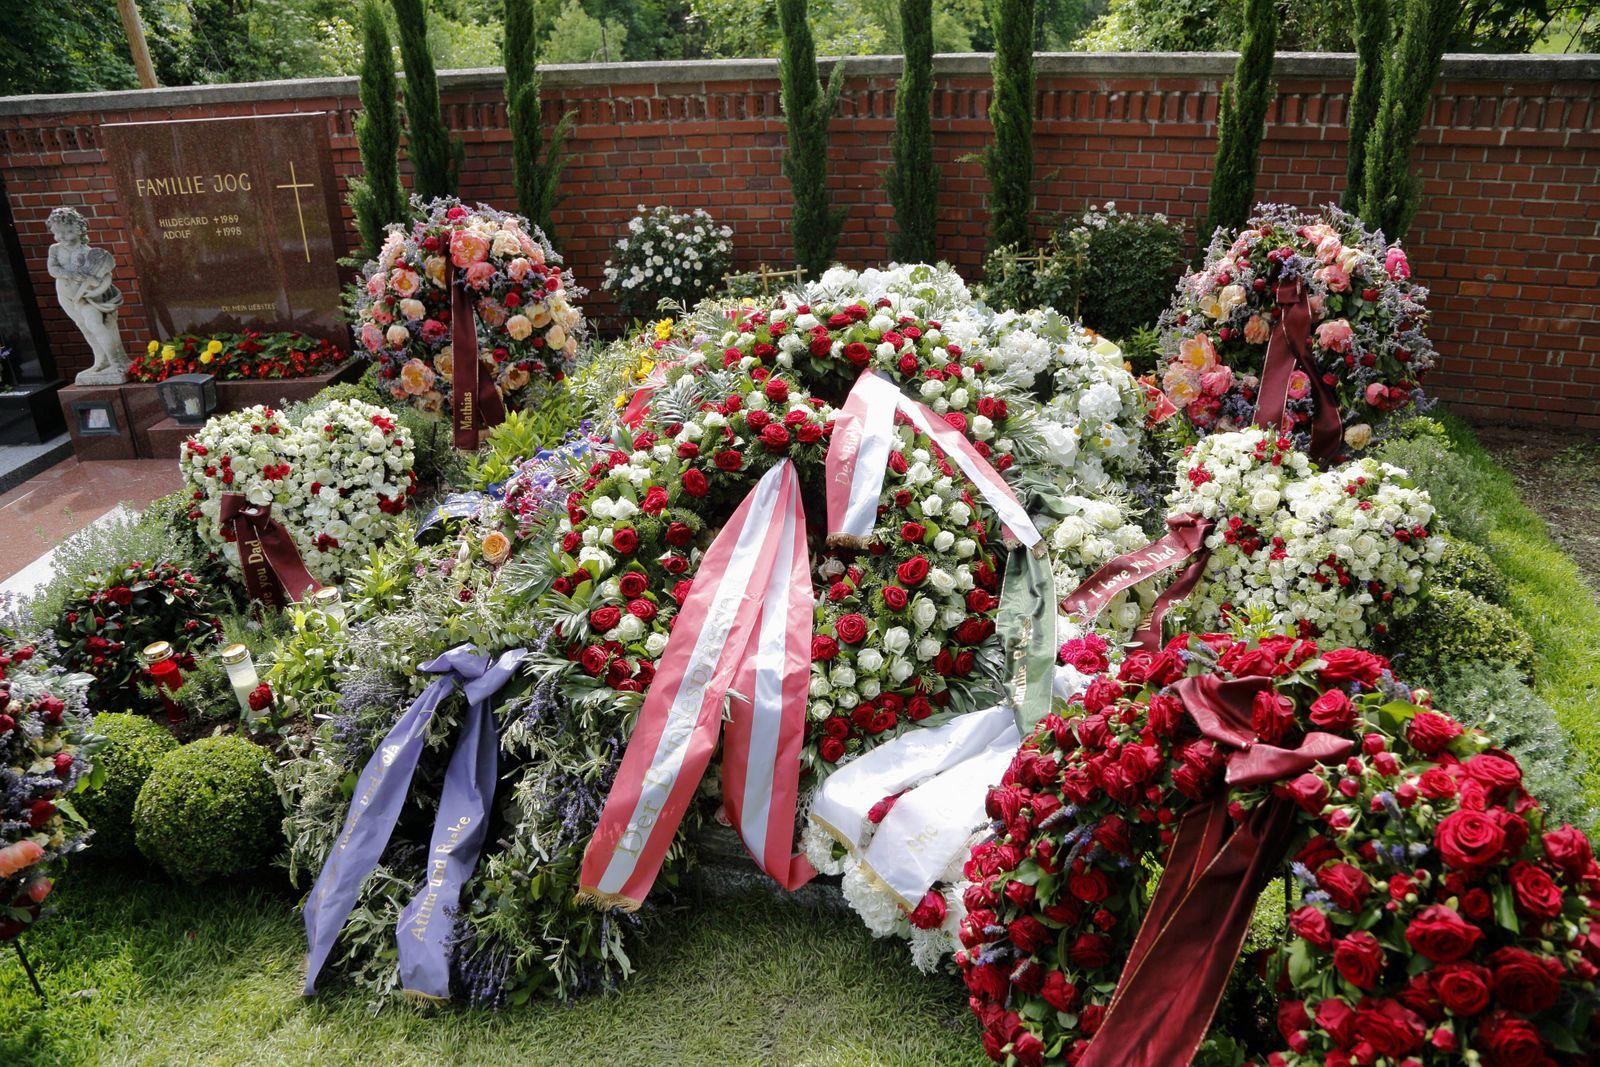 Andreas Nikolaus Niki Lauda Grabstätte Wien Döbling Heiligenstätter Friedhof 31 05 2019 Grab Besta